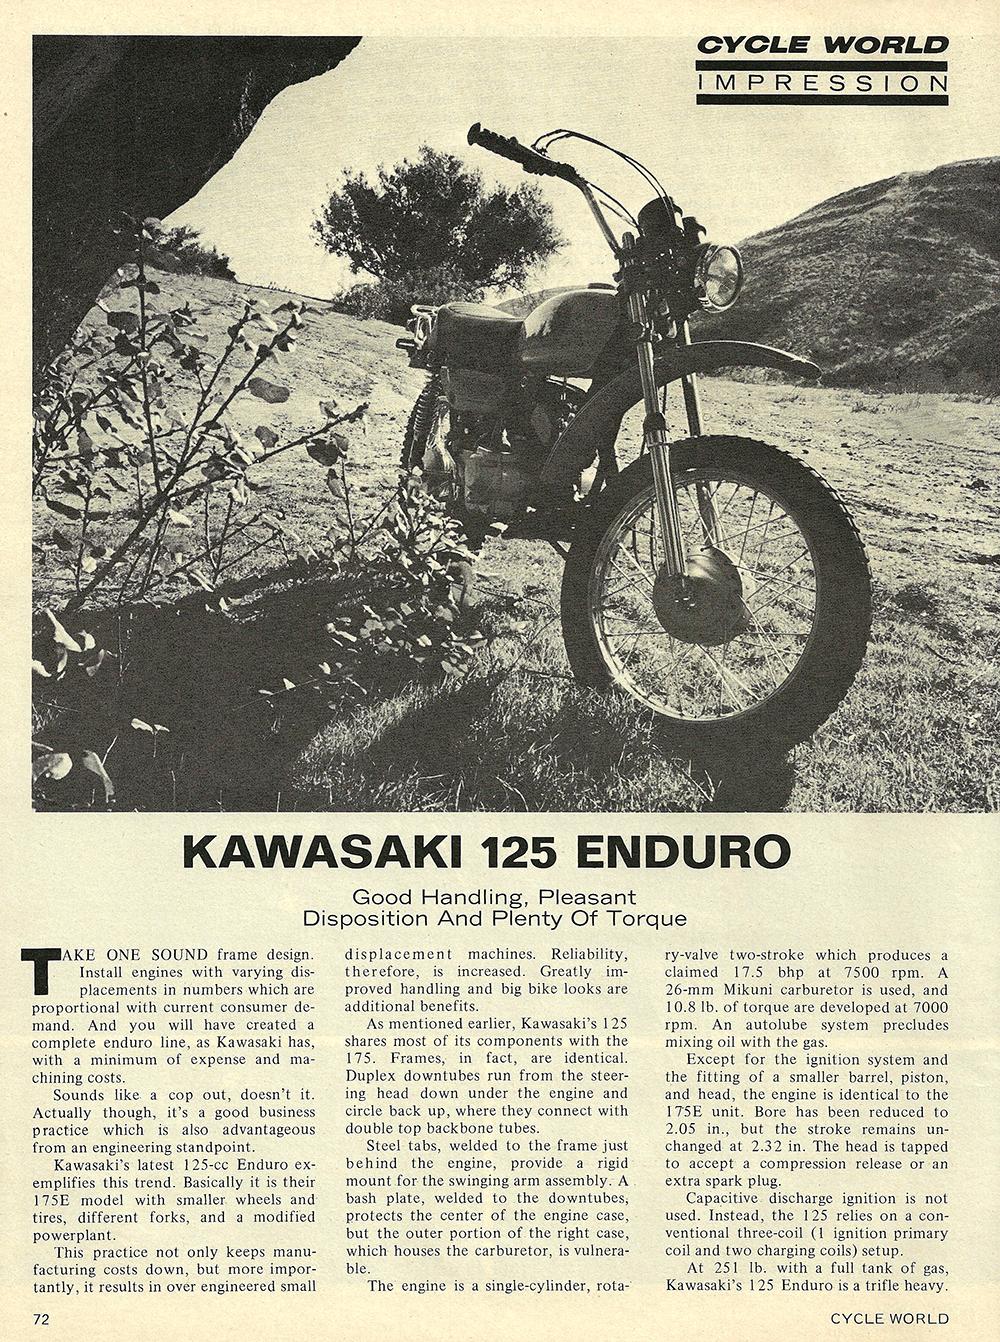 1971 Kawasaki 125 Enduro short test 01.jpg